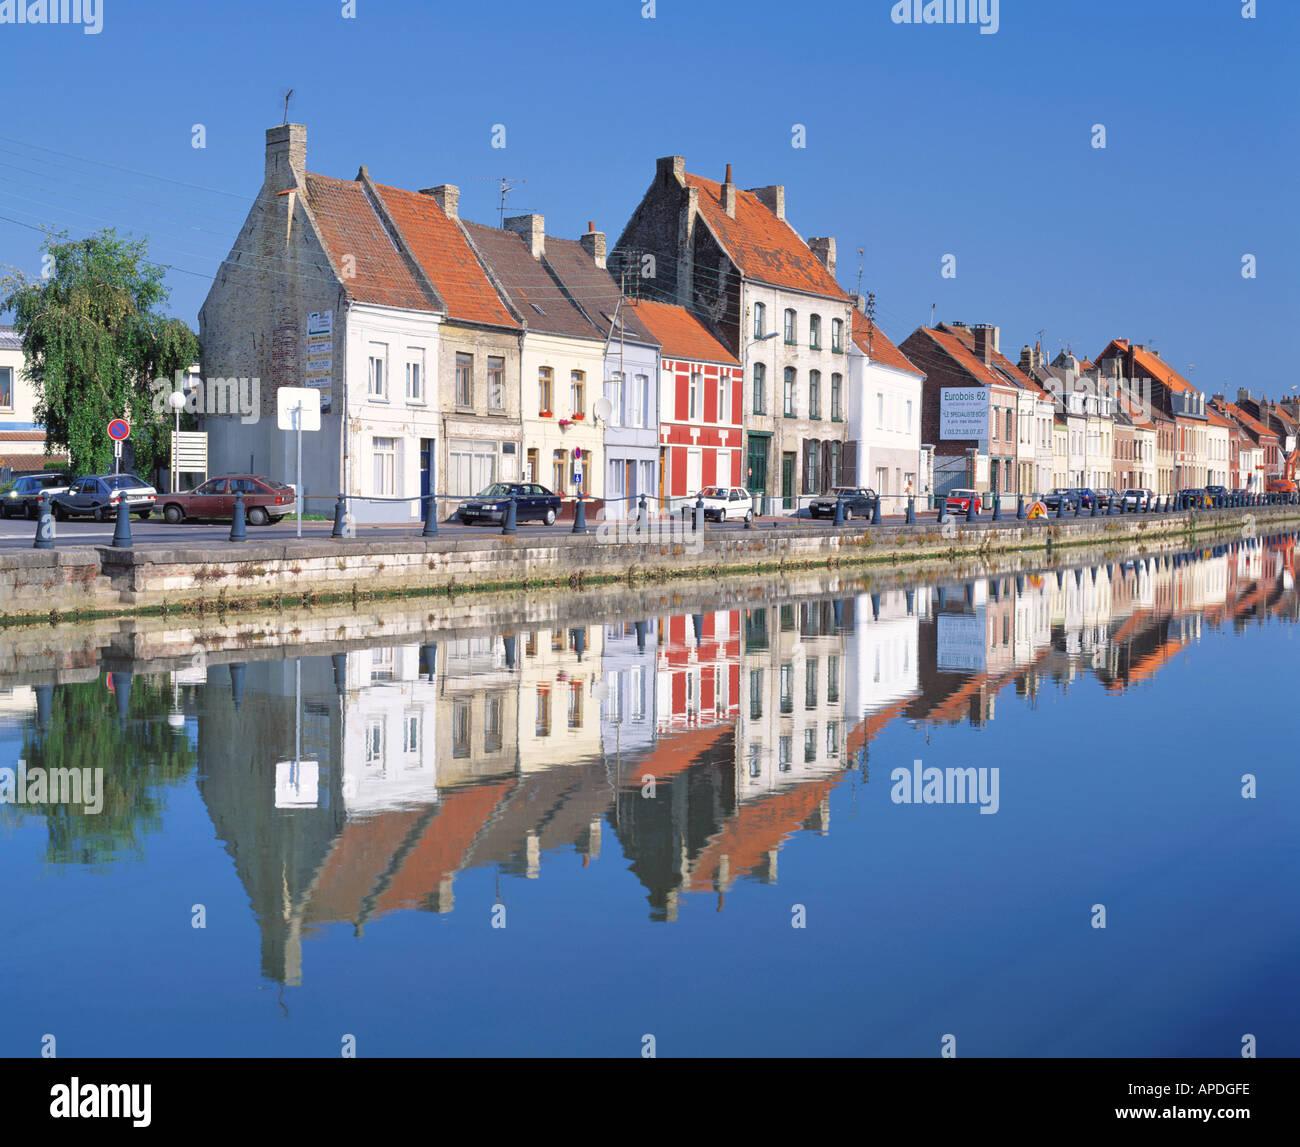 FRANCE NORD PAS DE CALAIS ST OMER - Stock Image